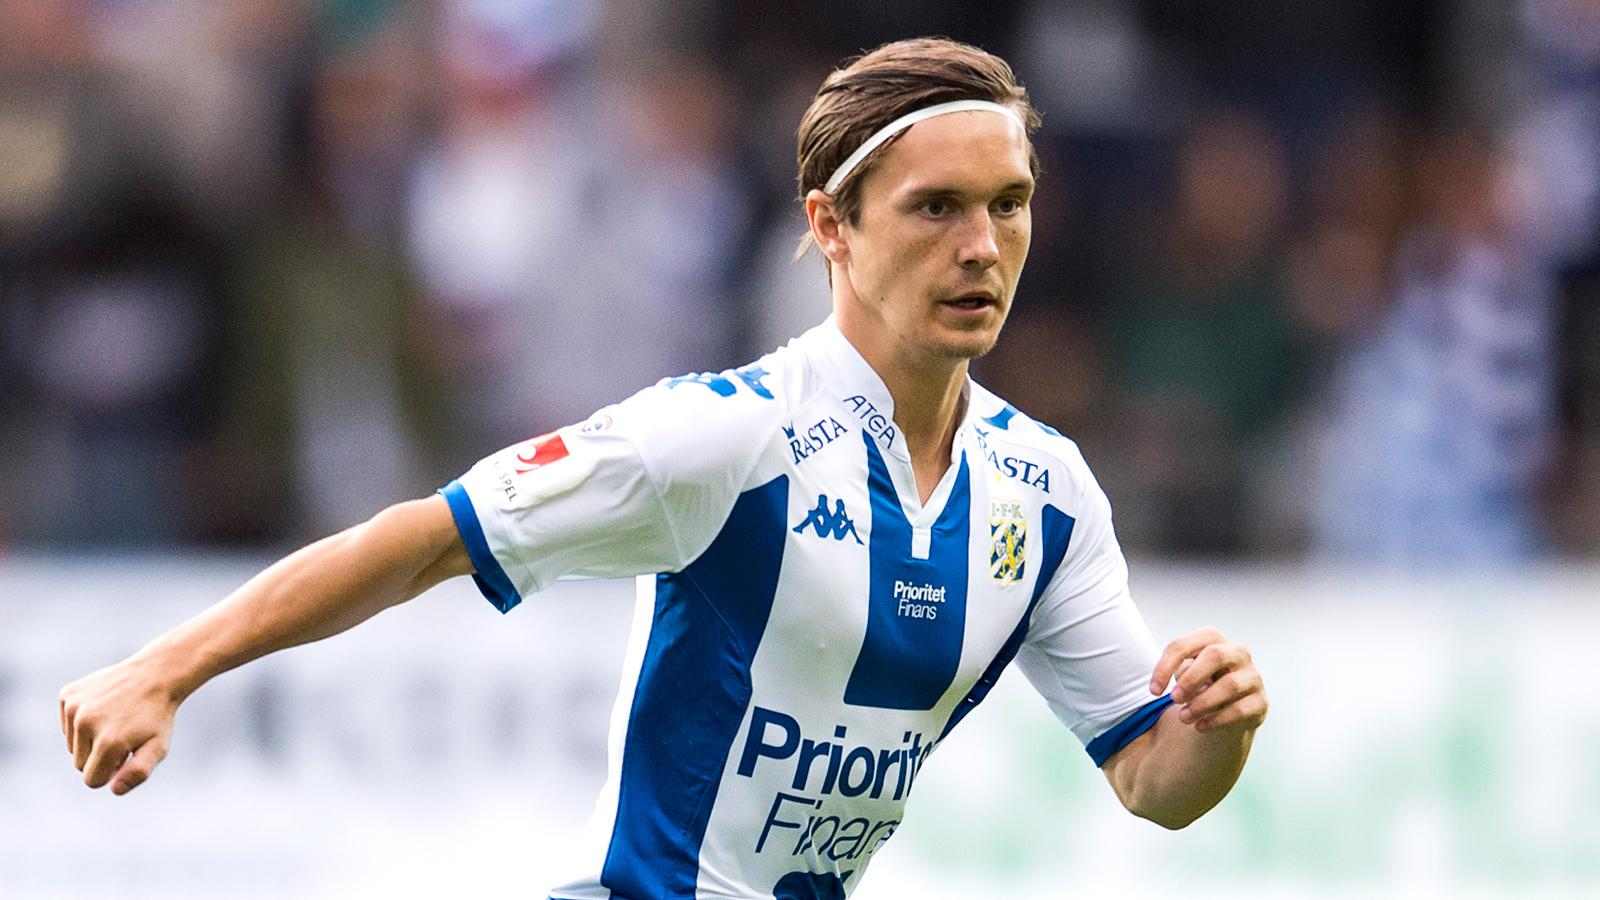 170820 IFK Göteborgs Patrik Karlsson Lagemyr under den allsvenska fotbollsmatchen mellan IFK Göteborg och Häcken den 20 augusti 2017 i Göteborg.